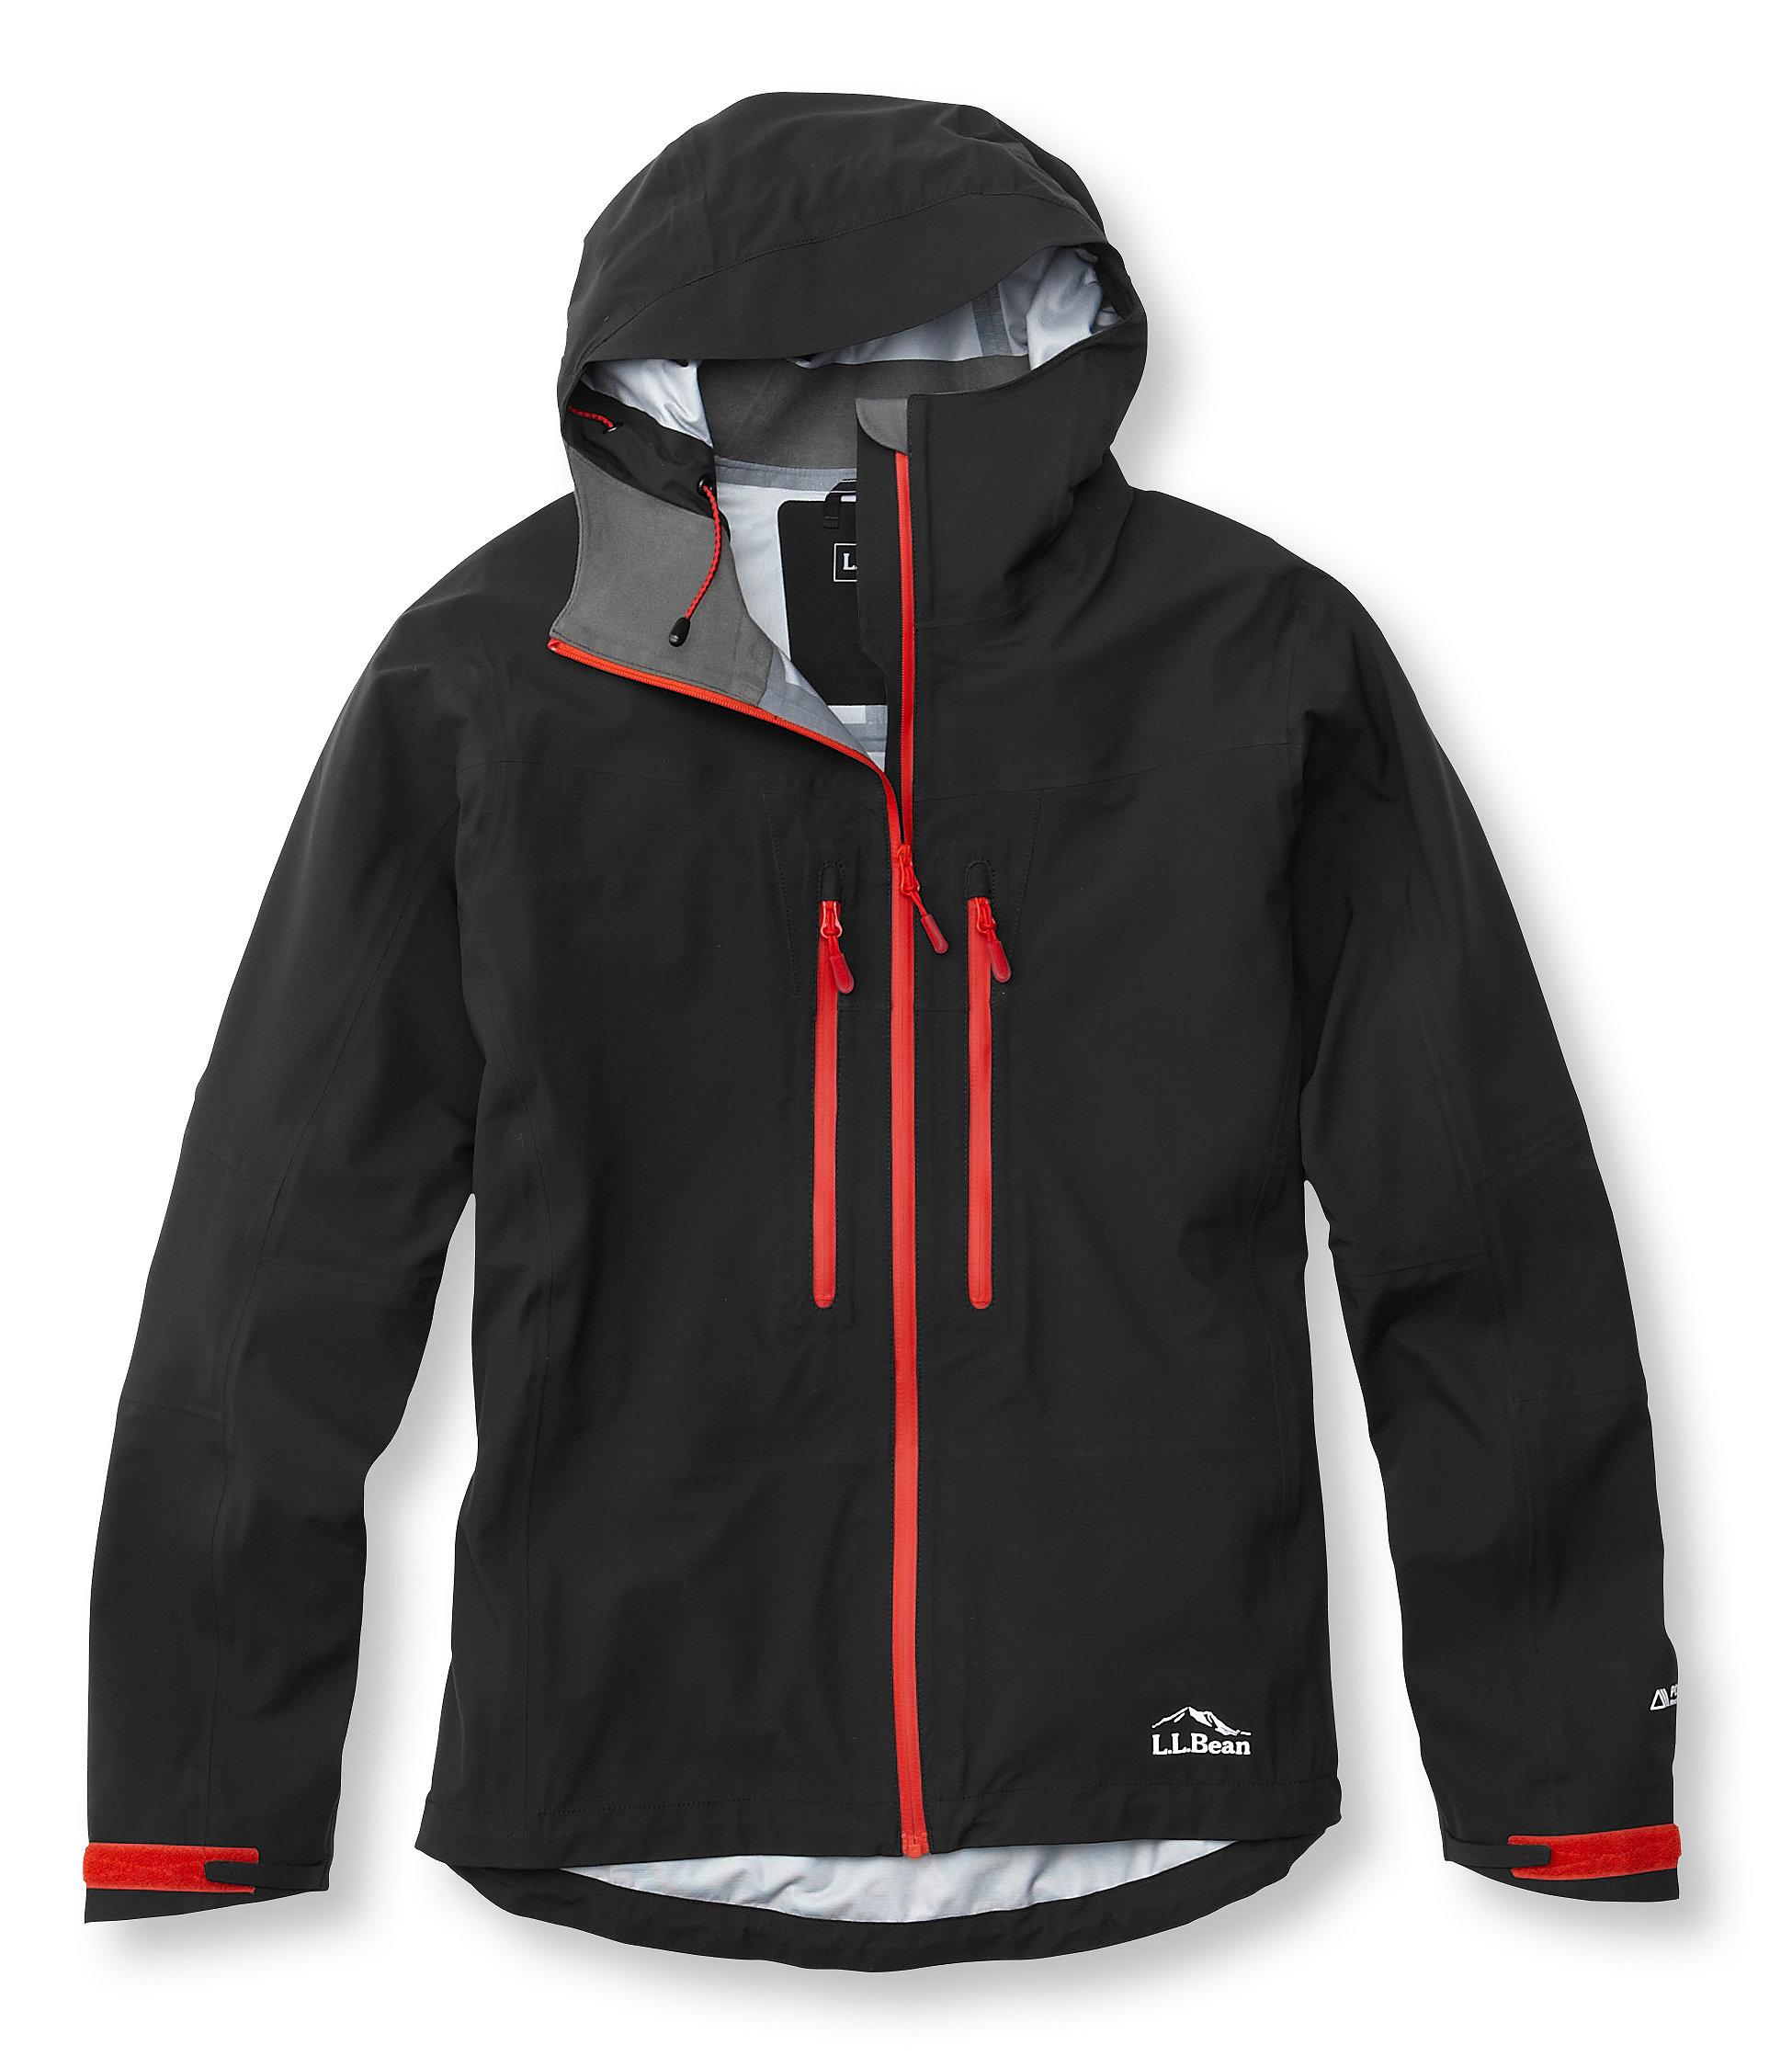 L.L.Bean Neoshell Bounder Jacket